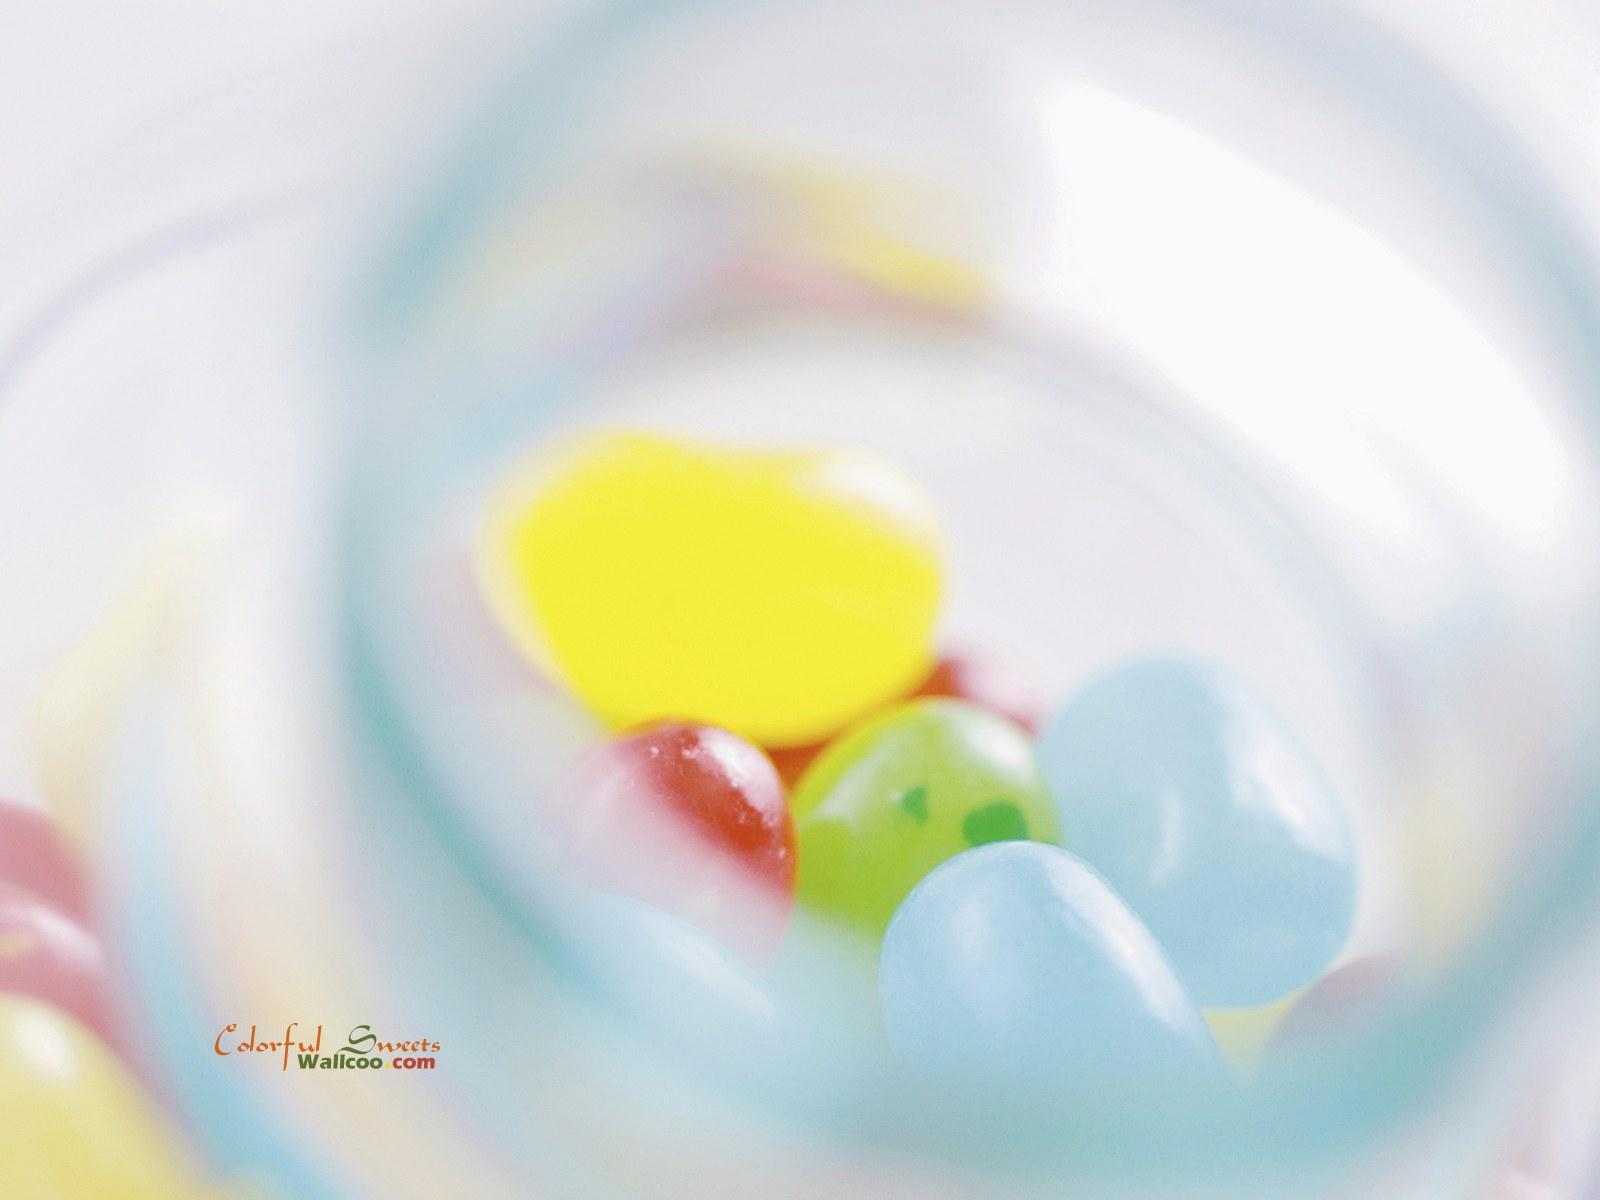 非常可爱的缤纷糖果高清背景图片素材2(25p)[中国